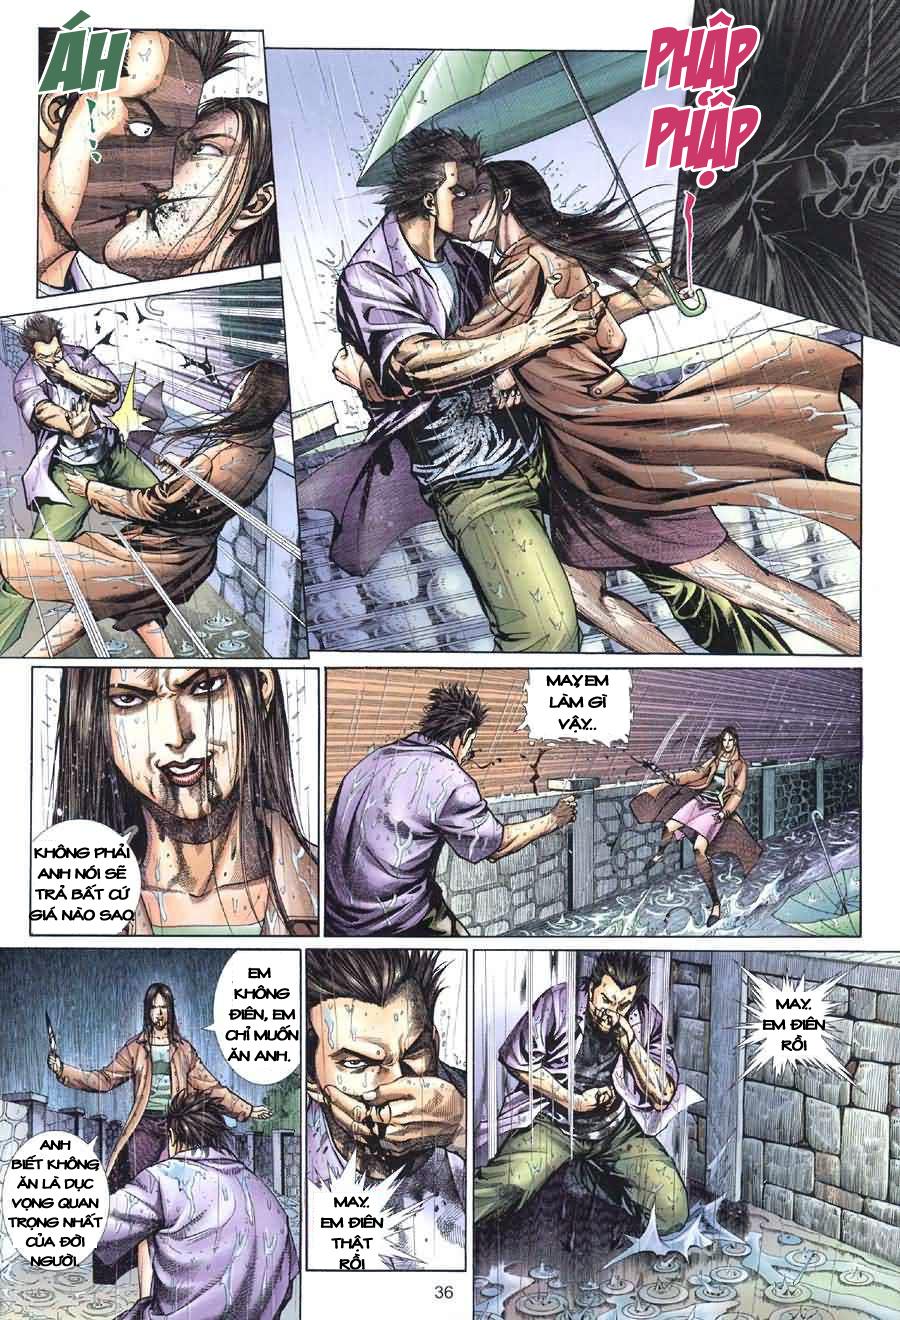 Quỷ Mộ chap 002 trang 36